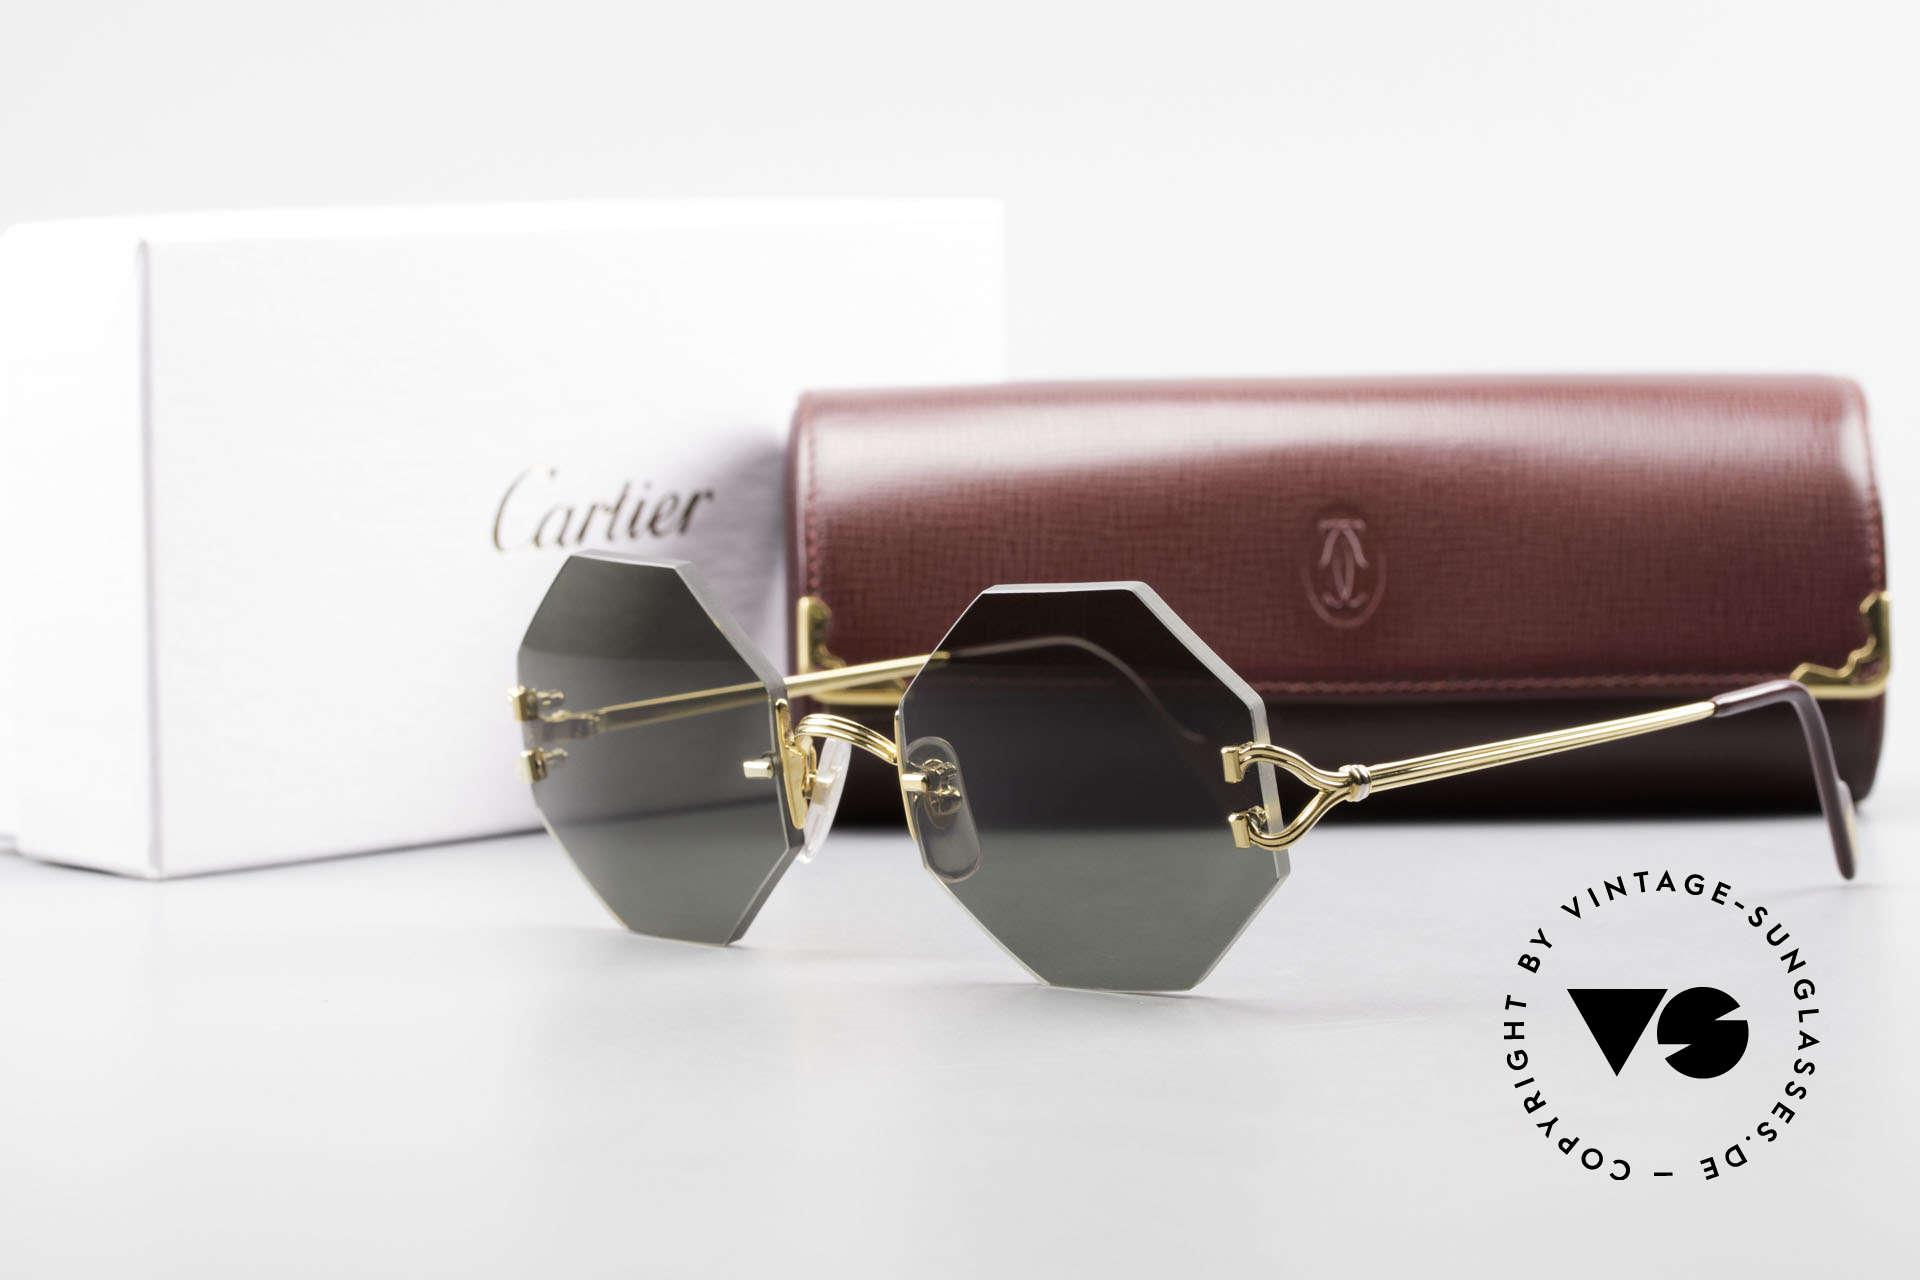 Cartier Rimless Octag Rimless Octagonal Sunglasses, NO RETRO, but a RARE old ORIGINAL, one of a kind!, Made for Men and Women